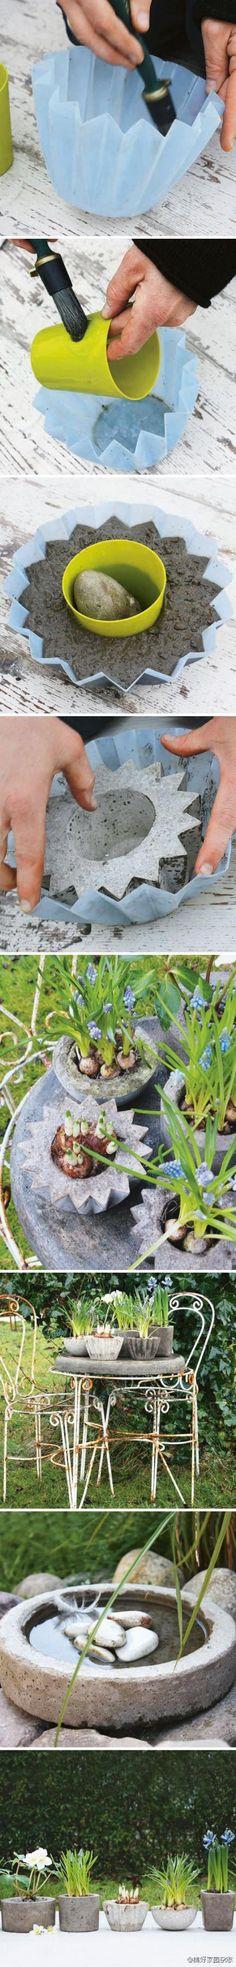 bloempot zelf gieten met beton